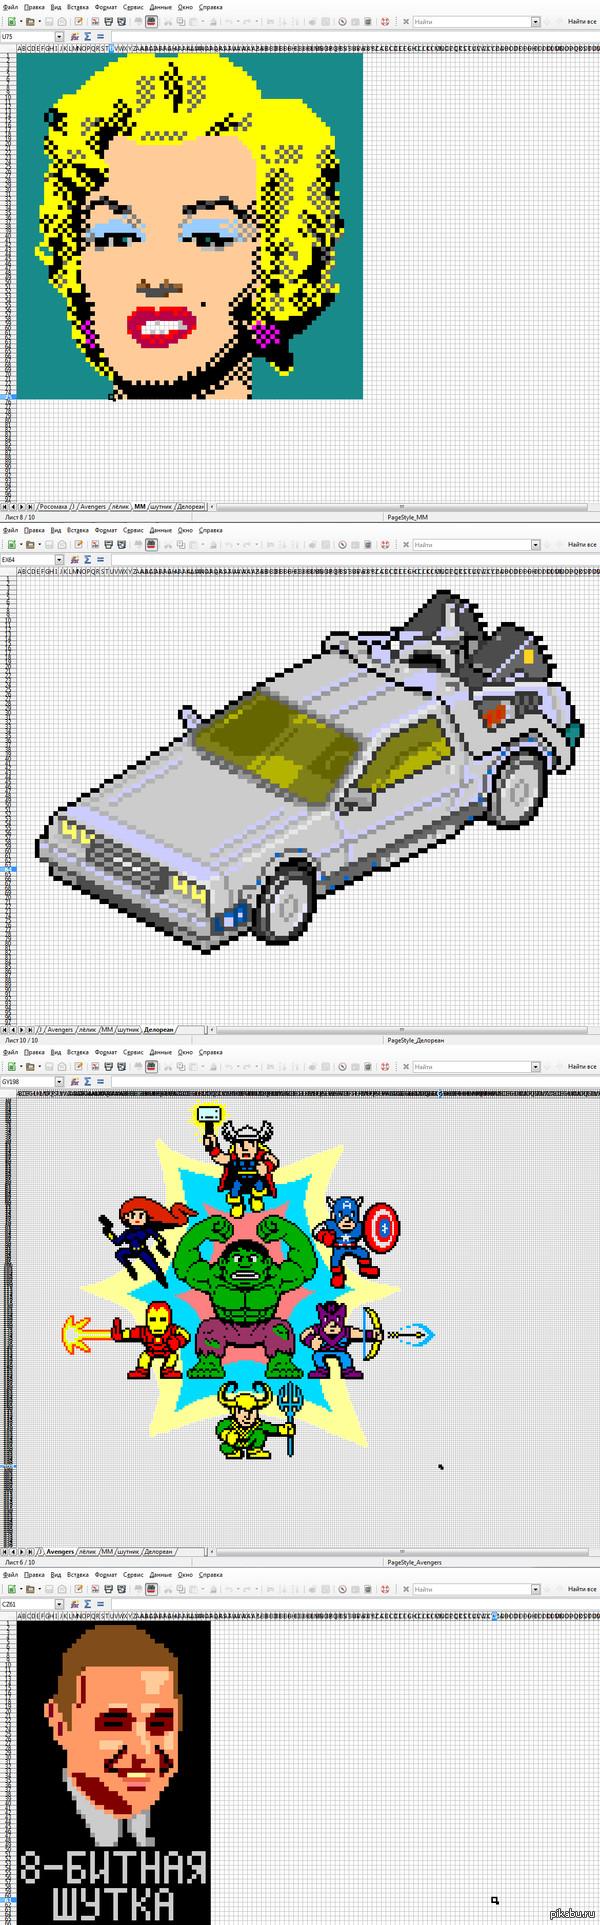 Рисунки в Excel Мое творчество в Excel (точнее в LibreOffice).  Бюджетная версия вышивания крестиком. Выделяем ячейки, выбираем цвета, составляем композицию.